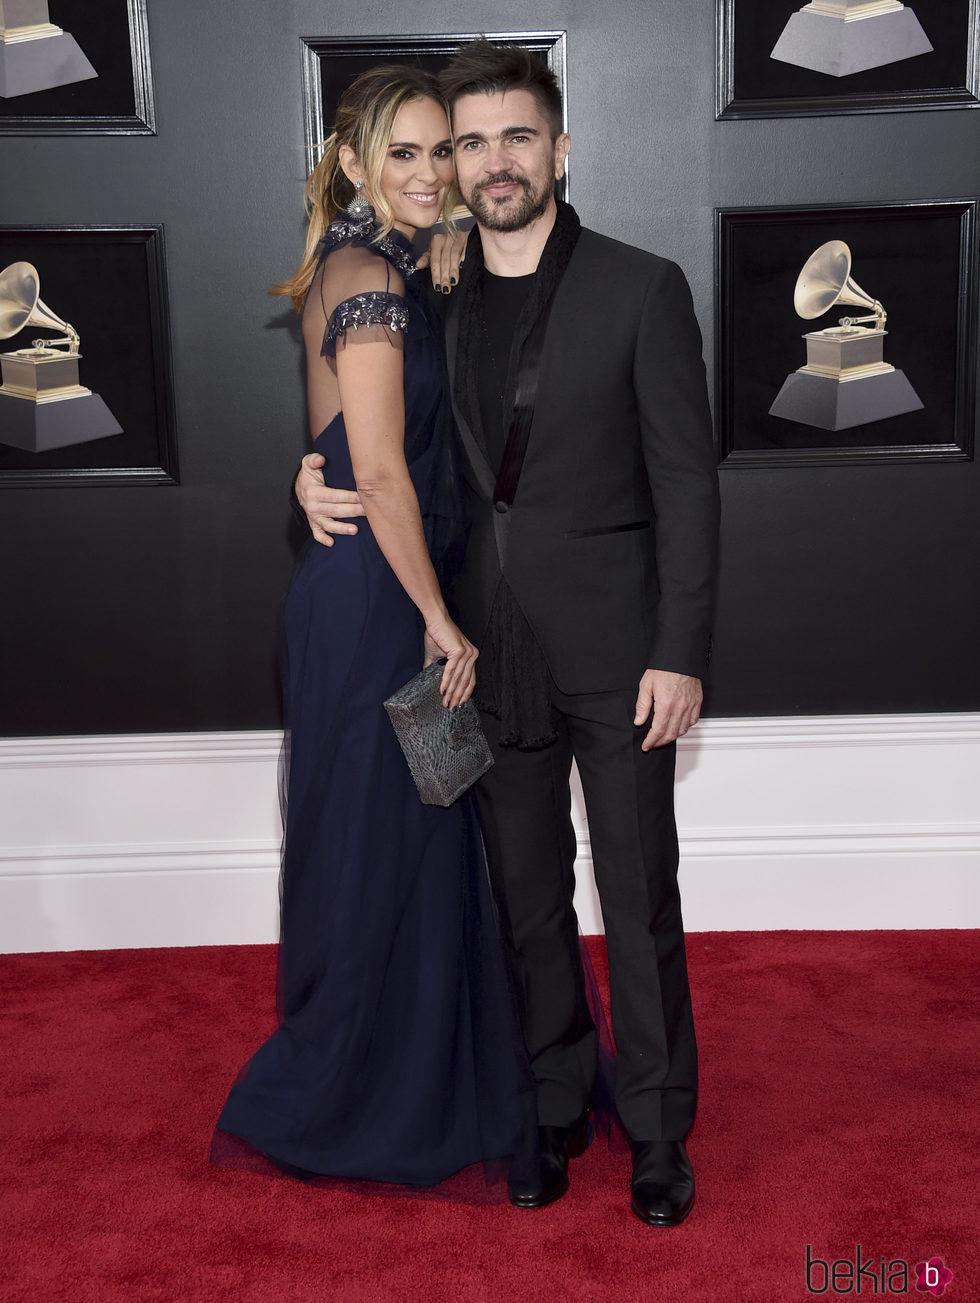 Juanes y Karen Martínez en la alfombra roja de los Premios Grammy 2018